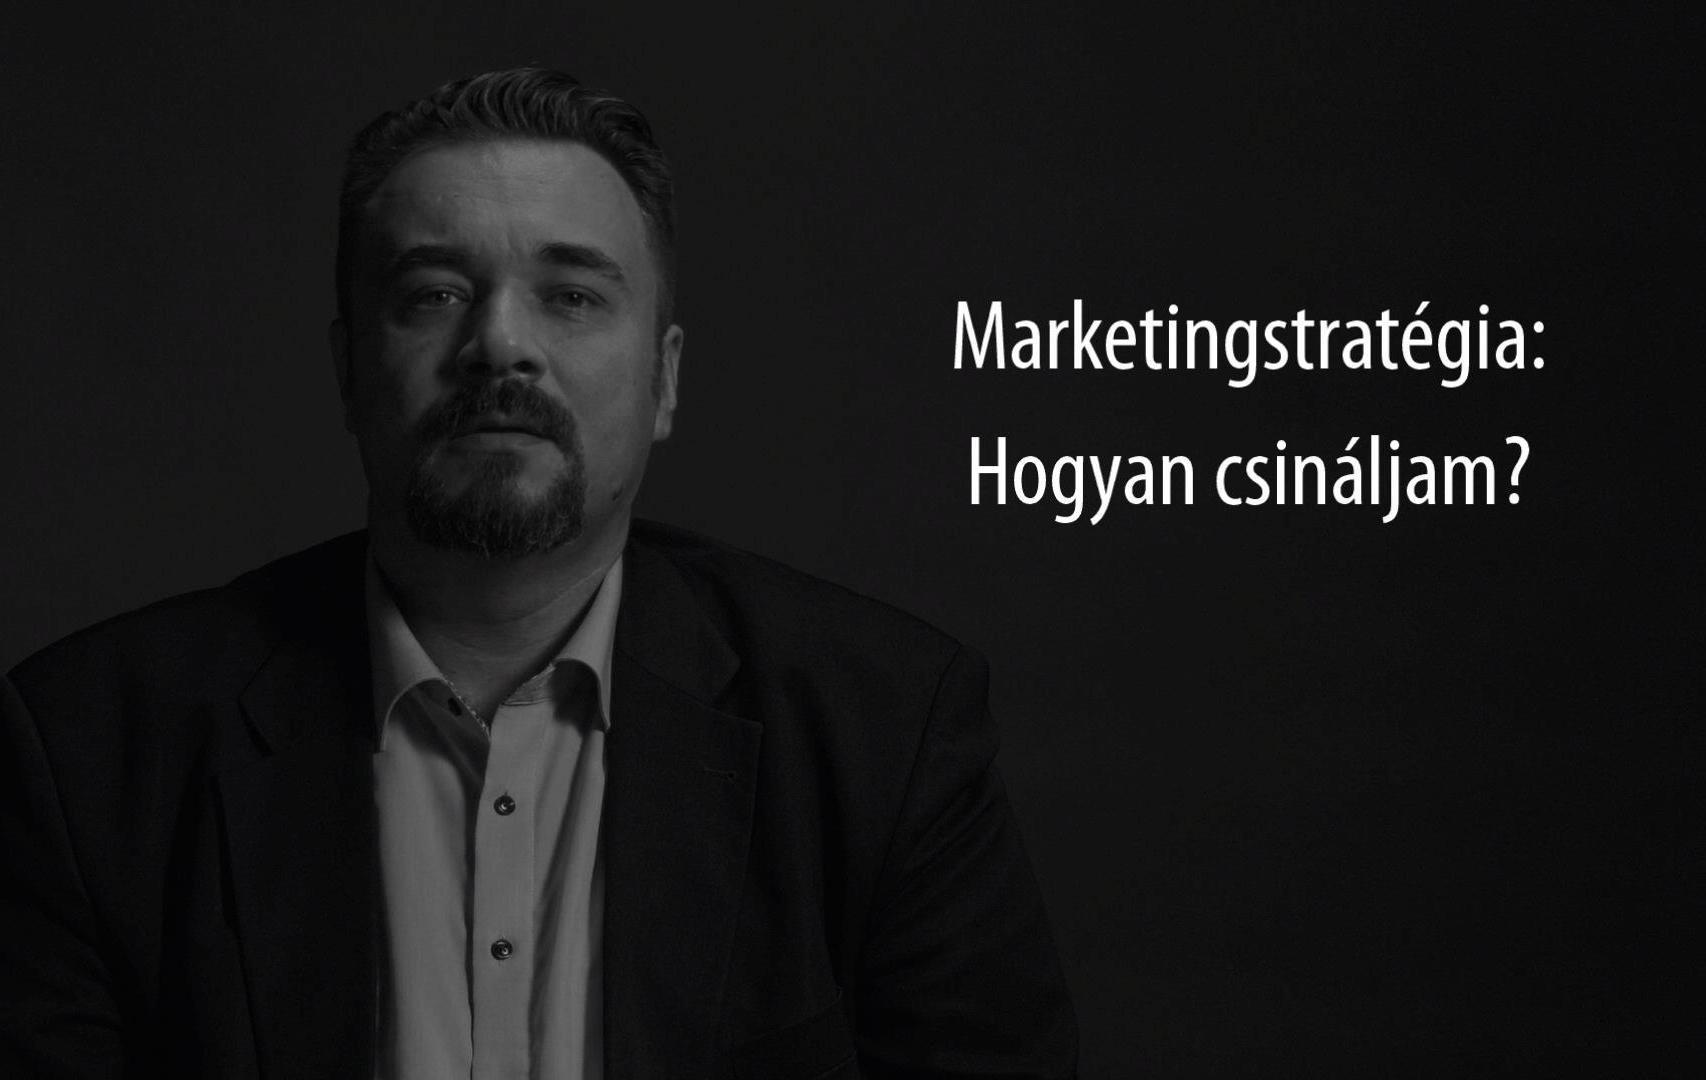 Hogyan gondolkodj a marketingstratégiáról?